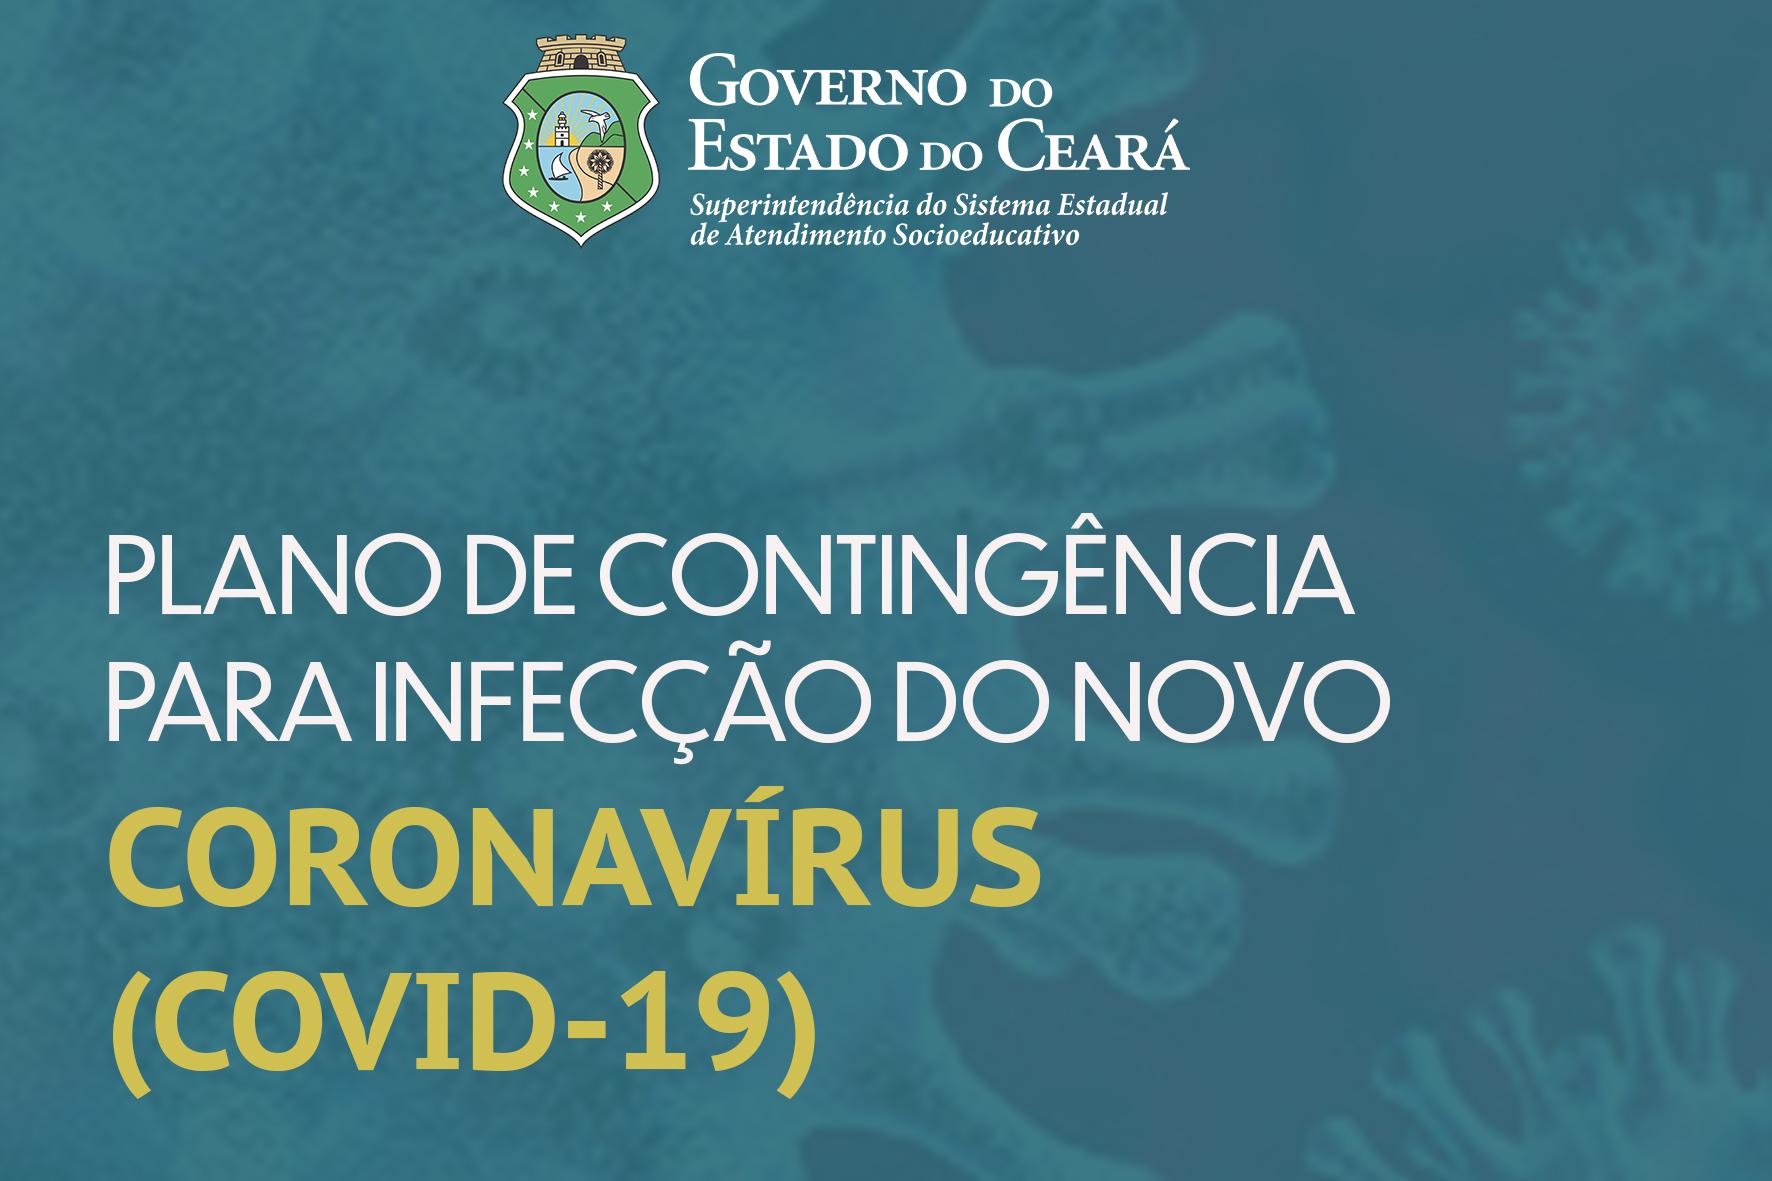 Plano de Contingência para Infecção do Novo Coronavírus – COVID-19